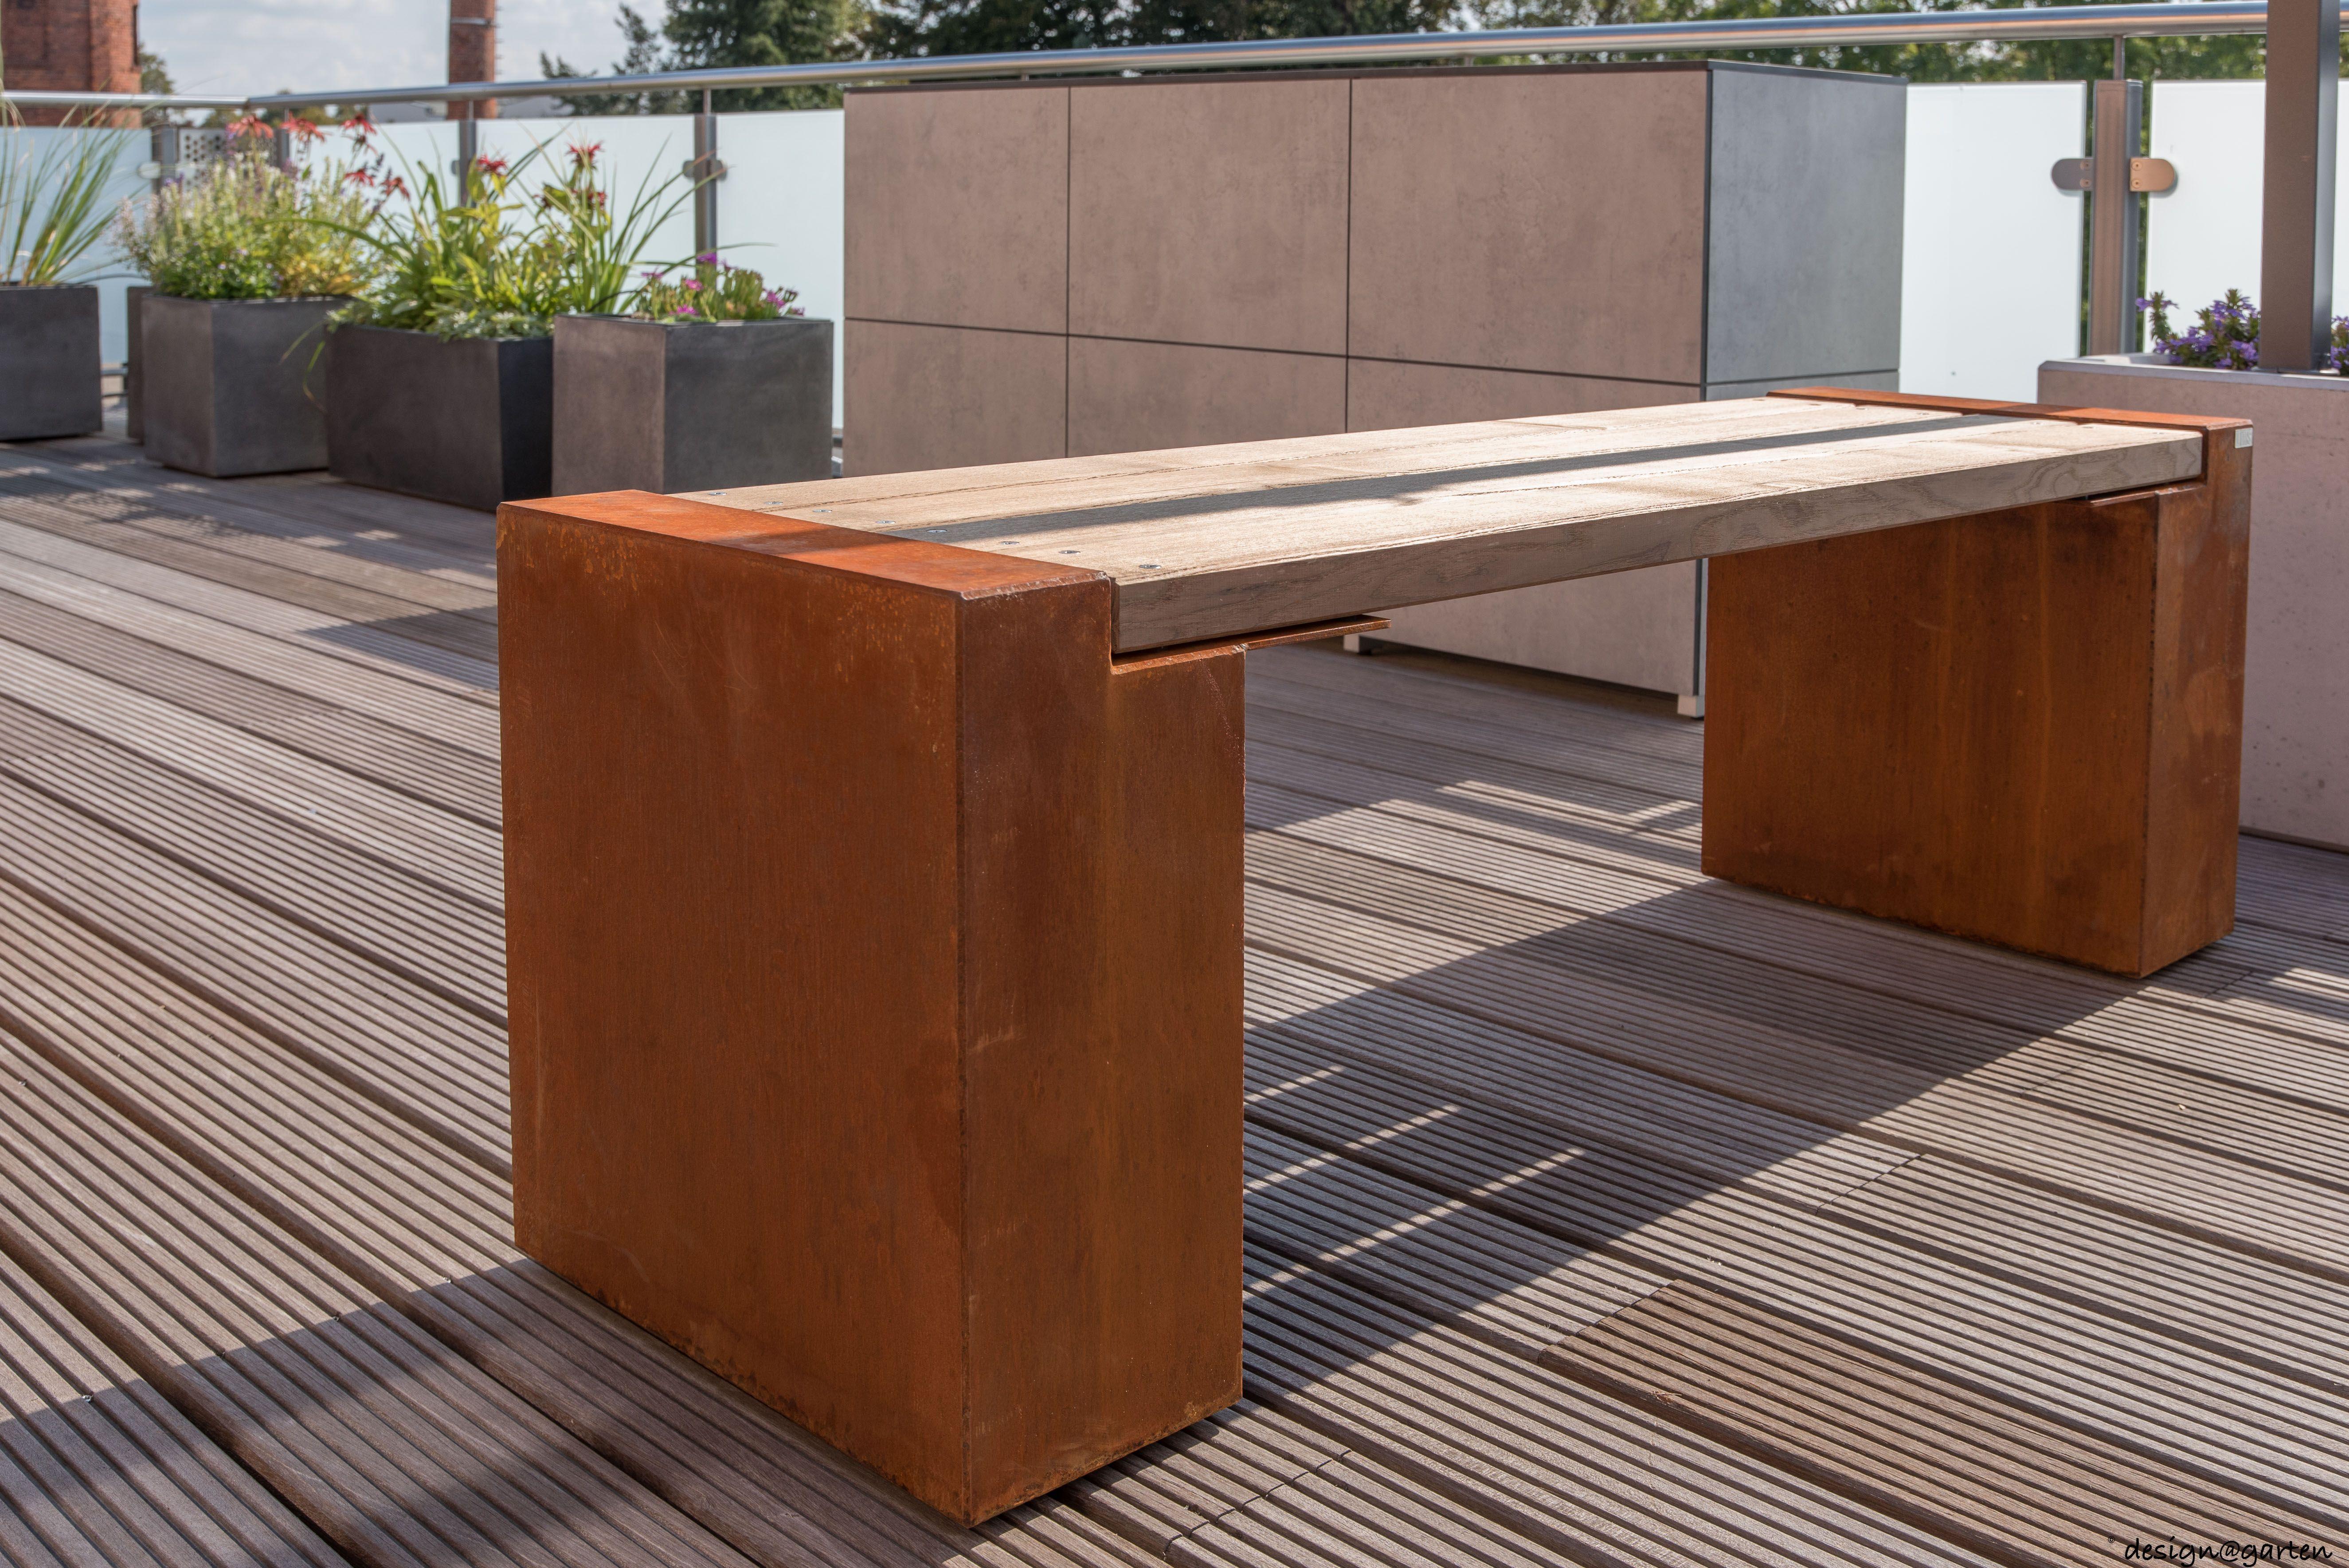 cortenstahl-bank von design@garten - augsburg, germany